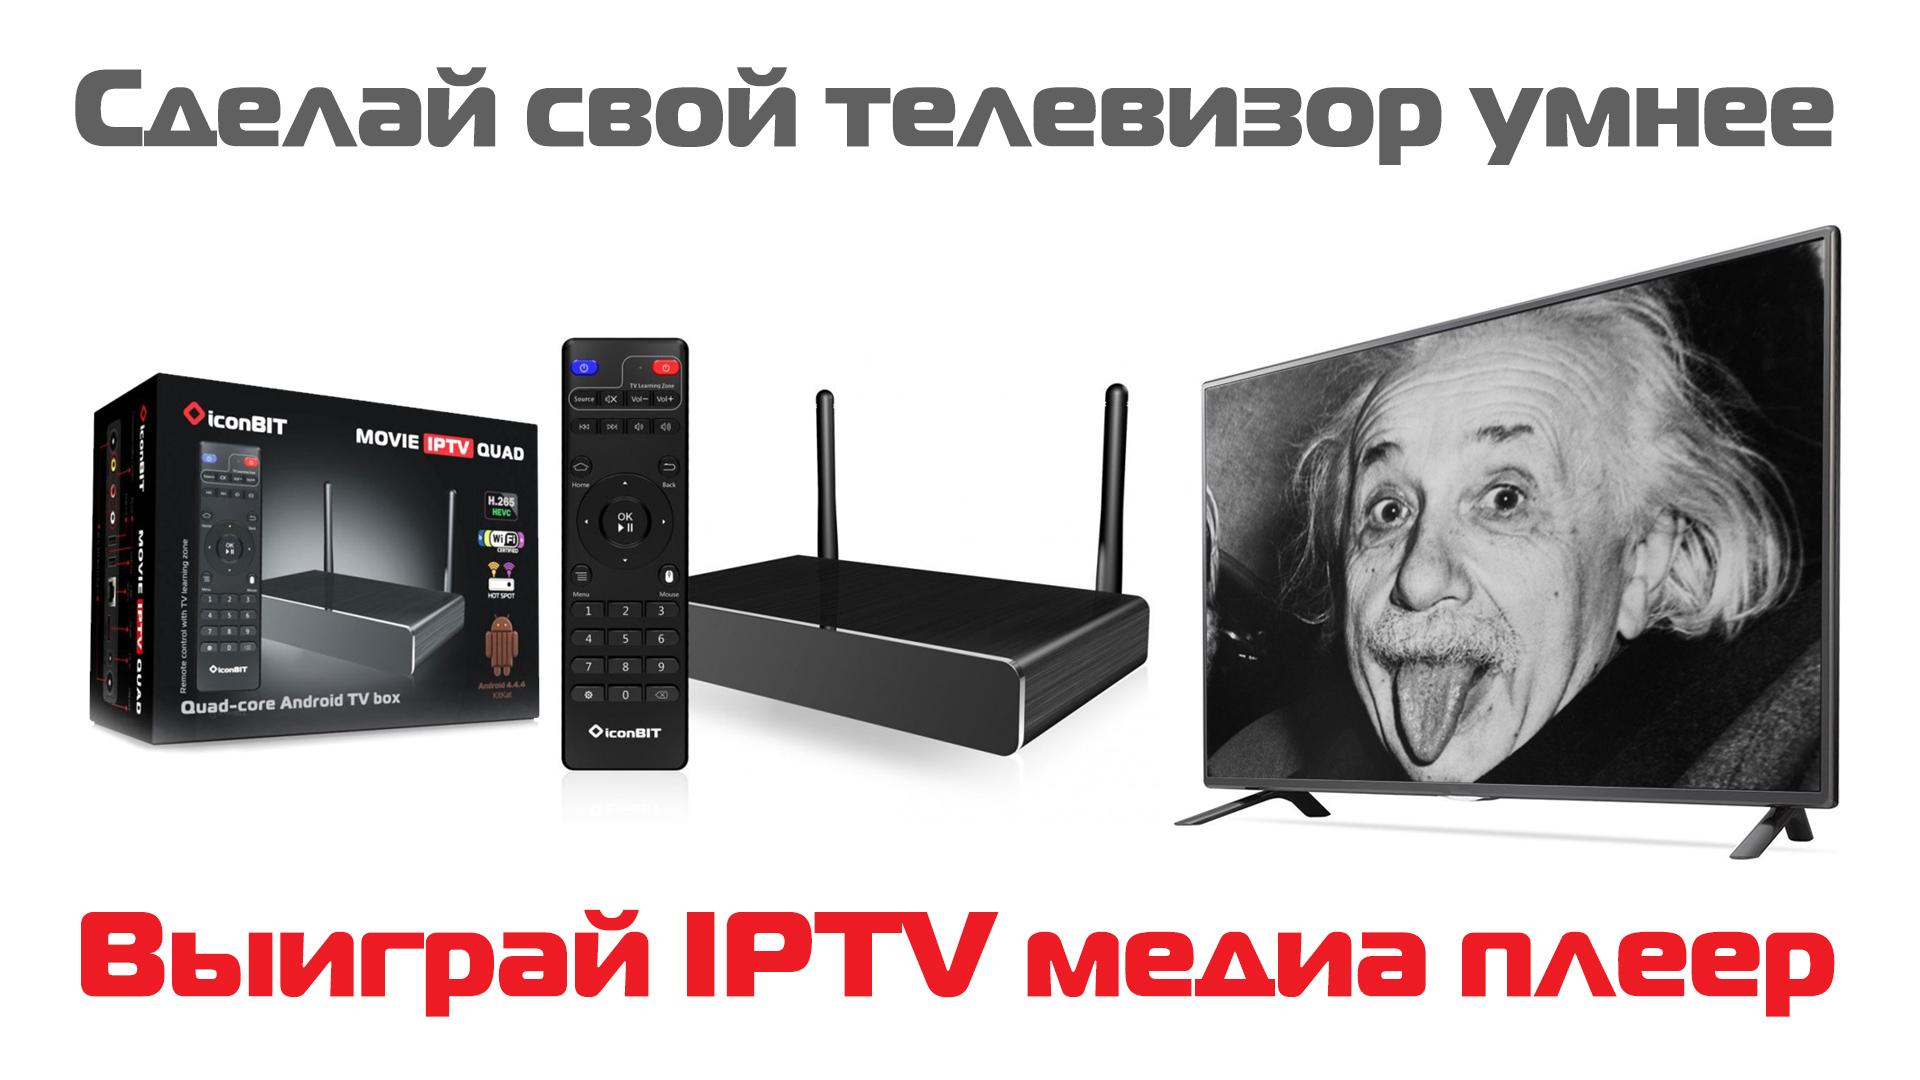 """Розыгрыш на Facebook """"Сделай свой телевизор умнее с медиа плеером iconBIT"""""""